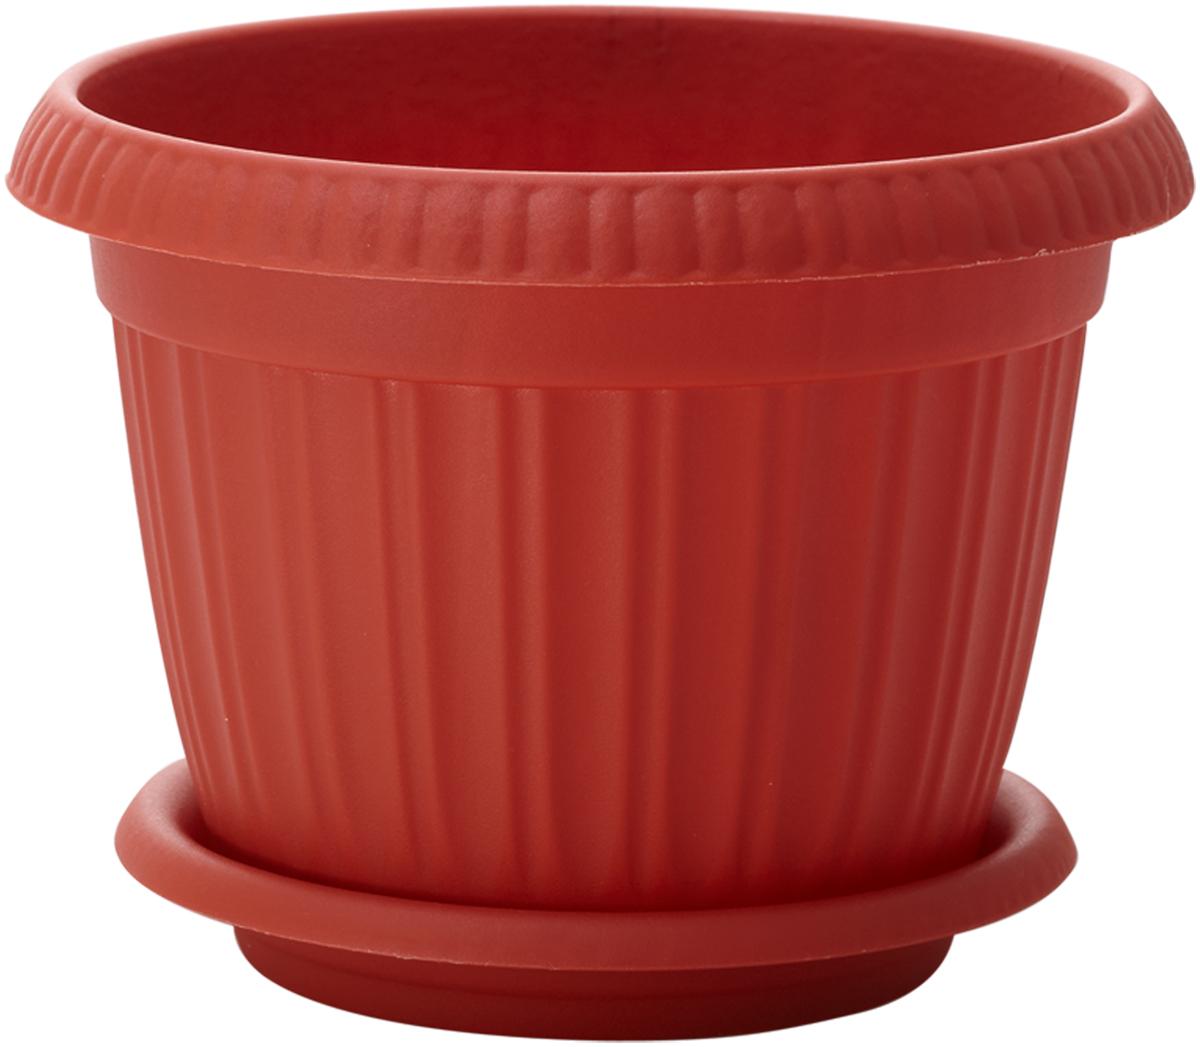 Горшок для цветов InGreen Таити, с подставкой, цвет: терракотовый, диаметр 42 смING41042FТРЛюбой, даже самый современный и продуманный интерьер будет не завершённым без растений. Они не только очищают воздух и насыщают его кислородом, но и заметно украшают окружающее пространство. Такому полезному &laquo члену семьи&raquoпросто необходимо красивое и функциональное кашпо, оригинальный горшок или необычная ваза! Мы предлагаем - Горшок для цветов 13,8 л, d=42 см Таити с подставкой, цвет терракотовый!Оптимальный выбор материала &mdash &nbsp пластмасса! Почему мы так считаем? Малый вес. С лёгкостью переносите горшки и кашпо с места на место, ставьте их на столики или полки, подвешивайте под потолок, не беспокоясь о нагрузке. Простота ухода. Пластиковые изделия не нуждаются в специальных условиях хранения. Их&nbsp легко чистить &mdashдостаточно просто сполоснуть тёплой водой. Никаких царапин. Пластиковые кашпо не царапают и не загрязняют поверхности, на которых стоят. Пластик дольше хранит влагу, а значит &mdashрастение реже нуждается в поливе. Пластмасса не пропускает воздух &mdashкорневой системе растения не грозят резкие перепады температур. Огромный выбор форм, декора и расцветок &mdashвы без труда подберёте что-то, что идеально впишется в уже существующий интерьер.Соблюдая нехитрые правила ухода, вы можете заметно продлить срок службы горшков, вазонов и кашпо из пластика: всегда учитывайте размер кроны и корневой системы растения (при разрастании большое растение способно повредить маленький горшок)берегите изделие от воздействия прямых солнечных лучей, чтобы кашпо и горшки не выцветалидержите кашпо и горшки из пластика подальше от нагревающихся поверхностей.Создавайте прекрасные цветочные композиции, выращивайте рассаду или необычные растения, а низкие цены позволят вам не ограничивать себя в выборе.